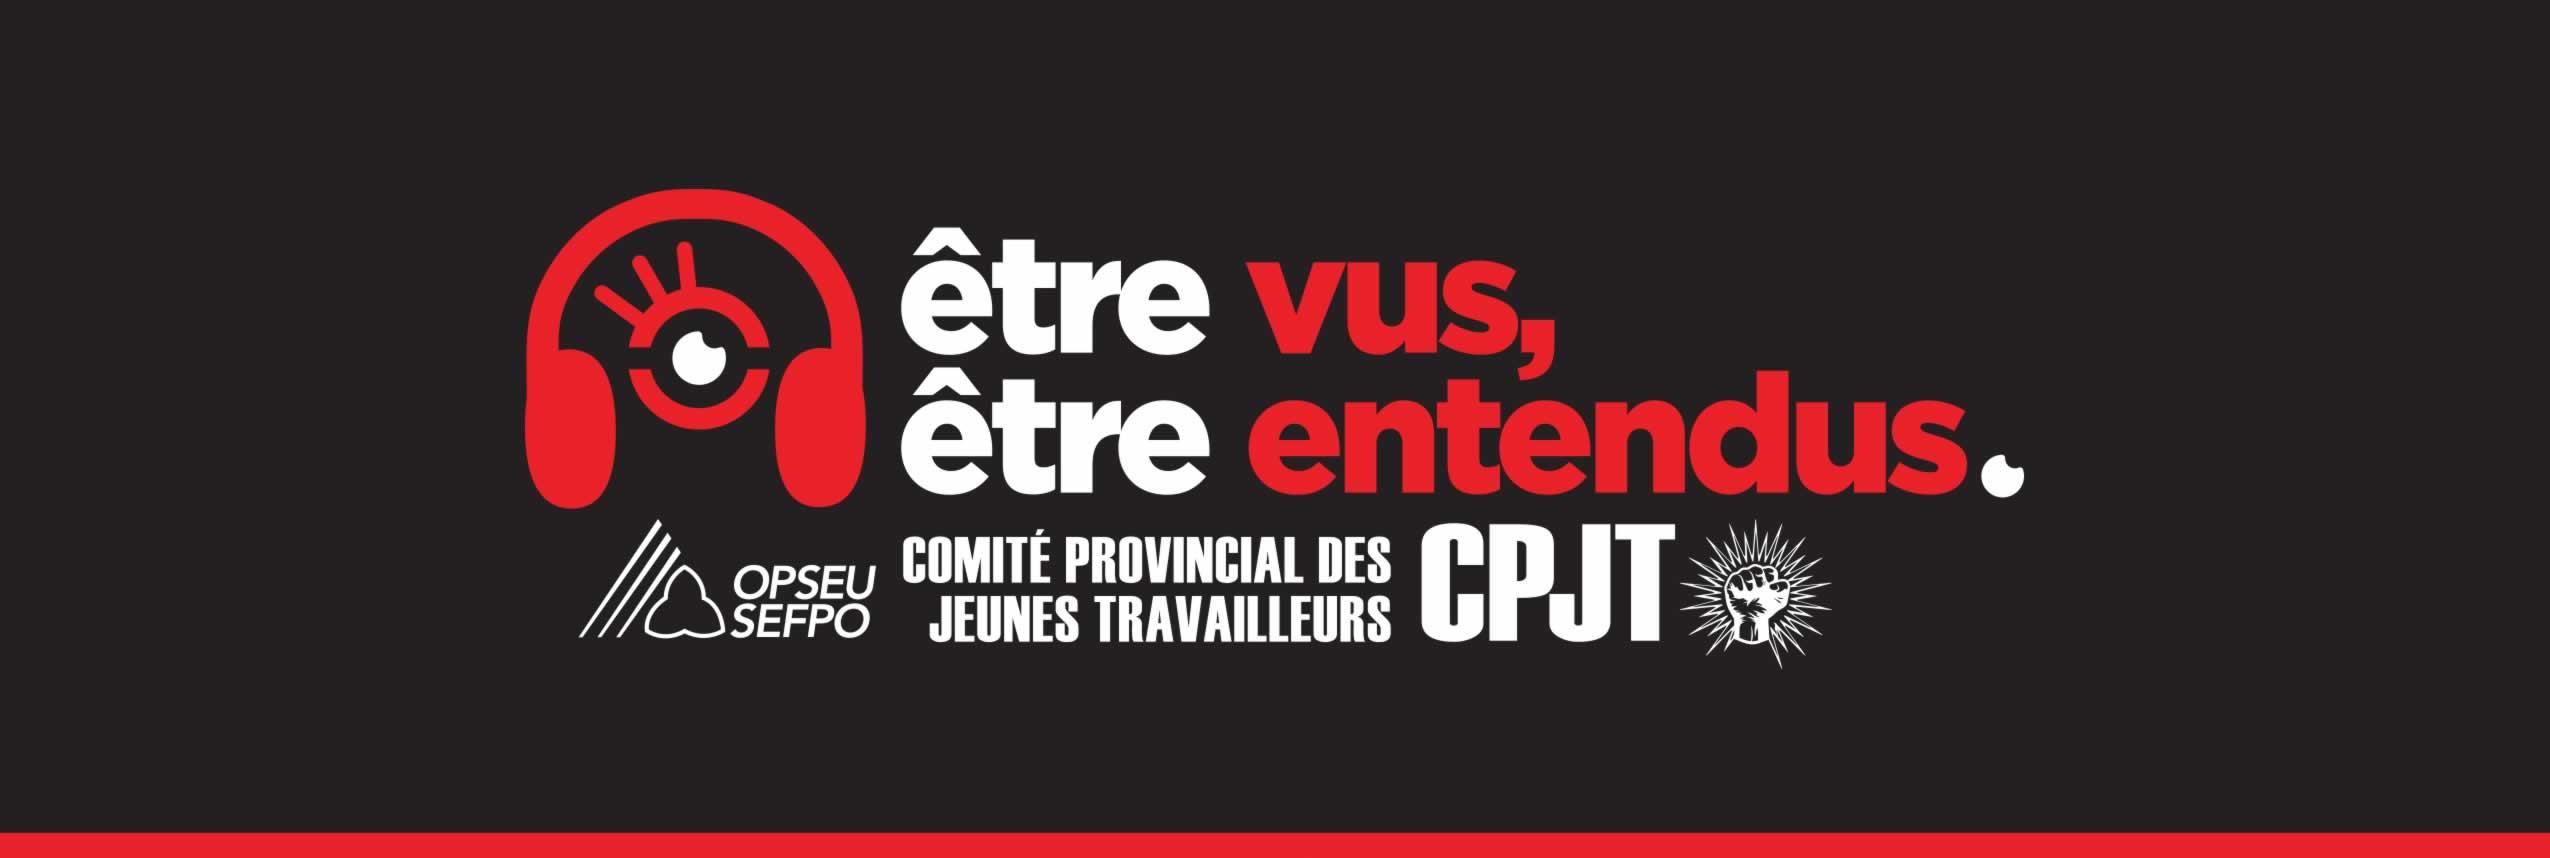 Etre vus, etre entendus. Comite Provincial des jeunes travailleurs, CPJT